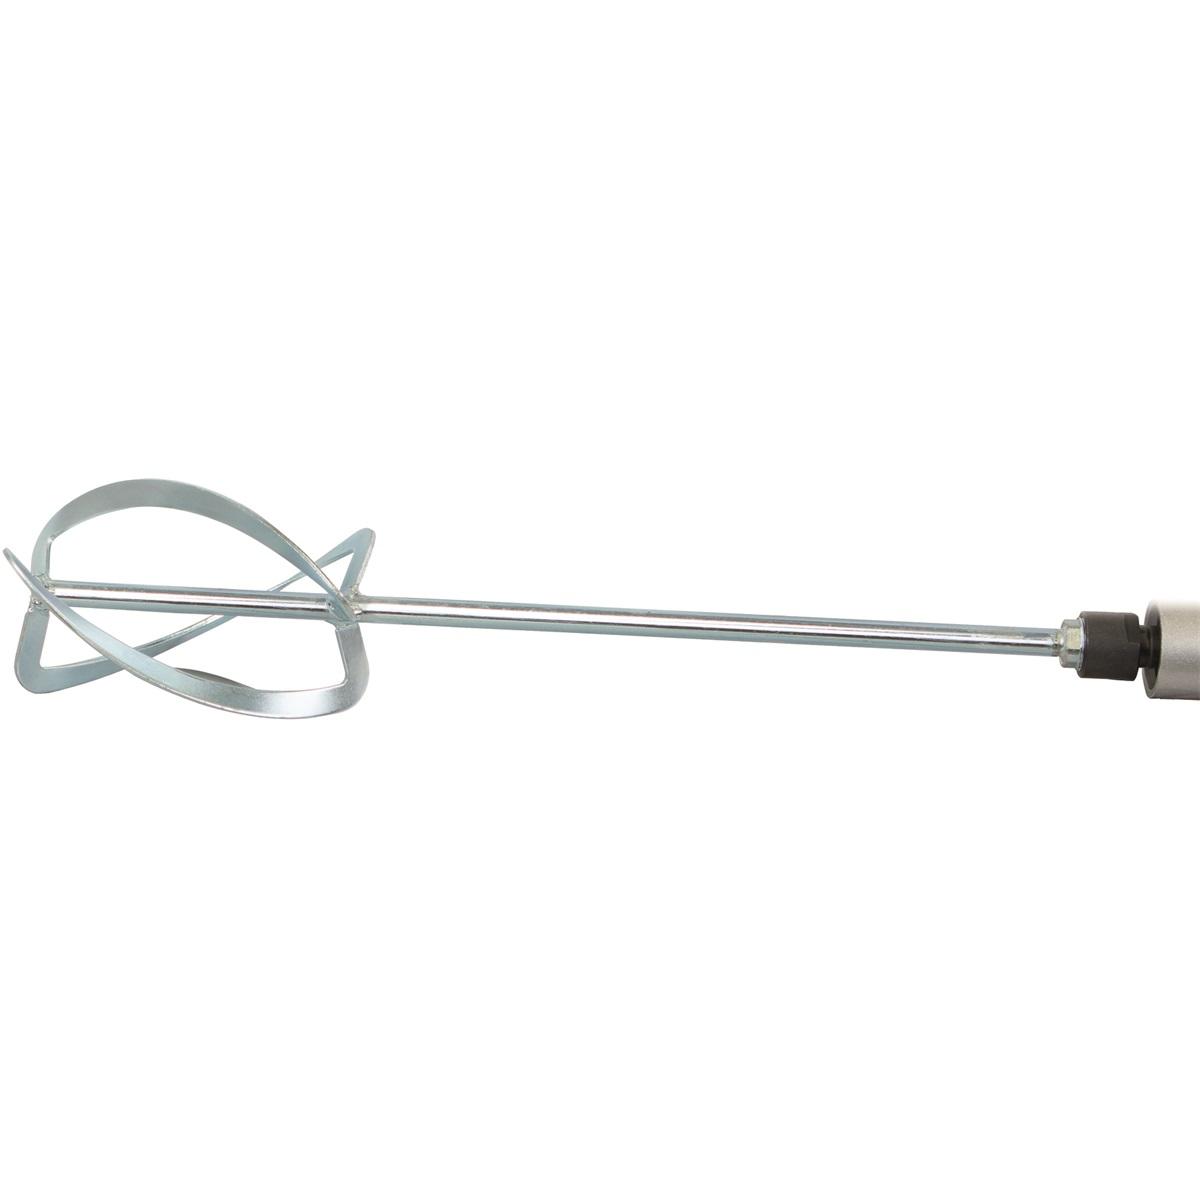 Scheppach Spirálová míchací metla pro PM 1800 D (2 ks)